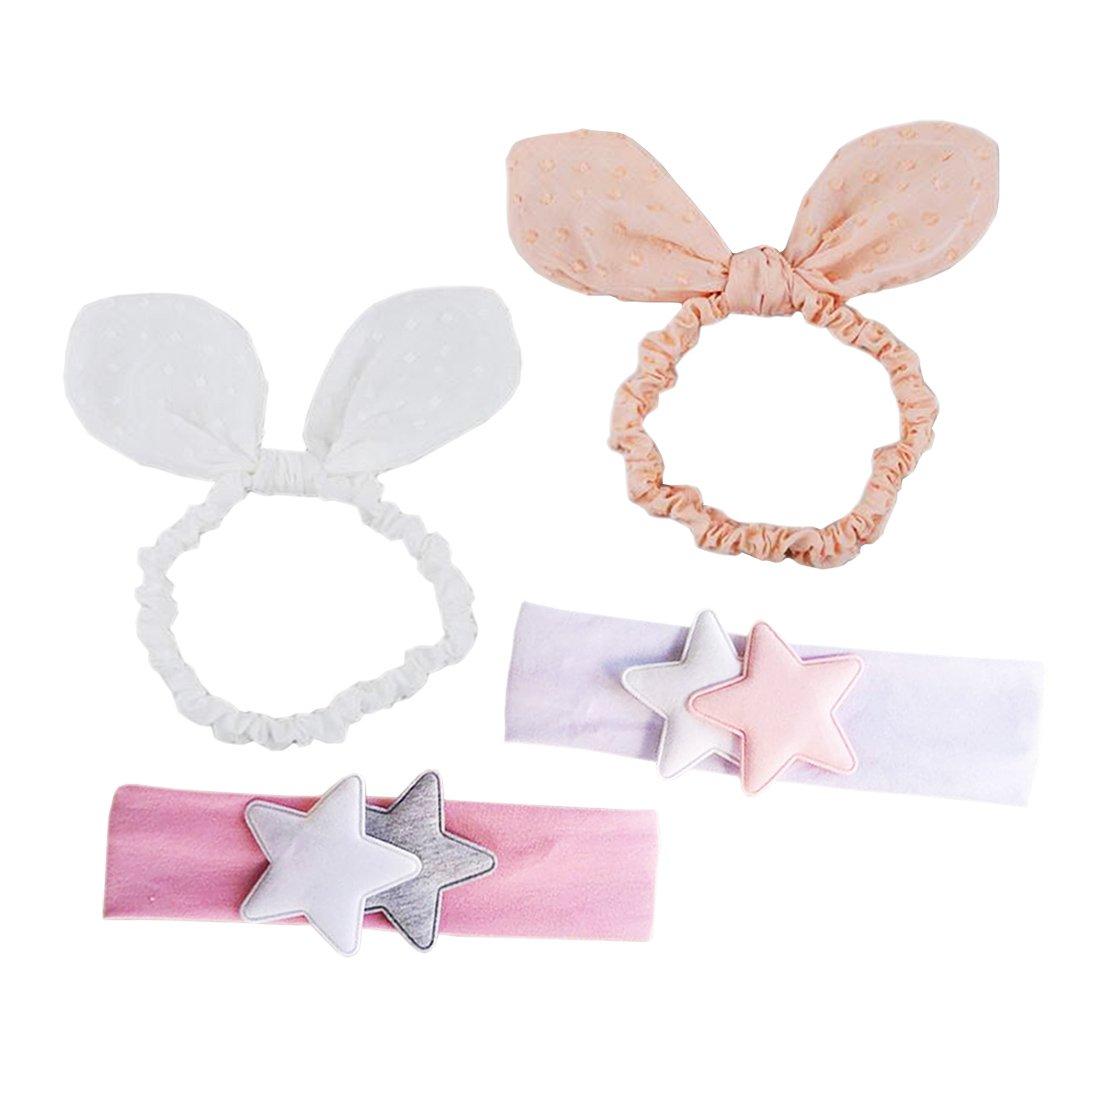 Jmitha Bambino fascia Fasce di fiore della neonata Cerchietto elastico Accessori per capelli a fiori - 4 pezzi E-a01